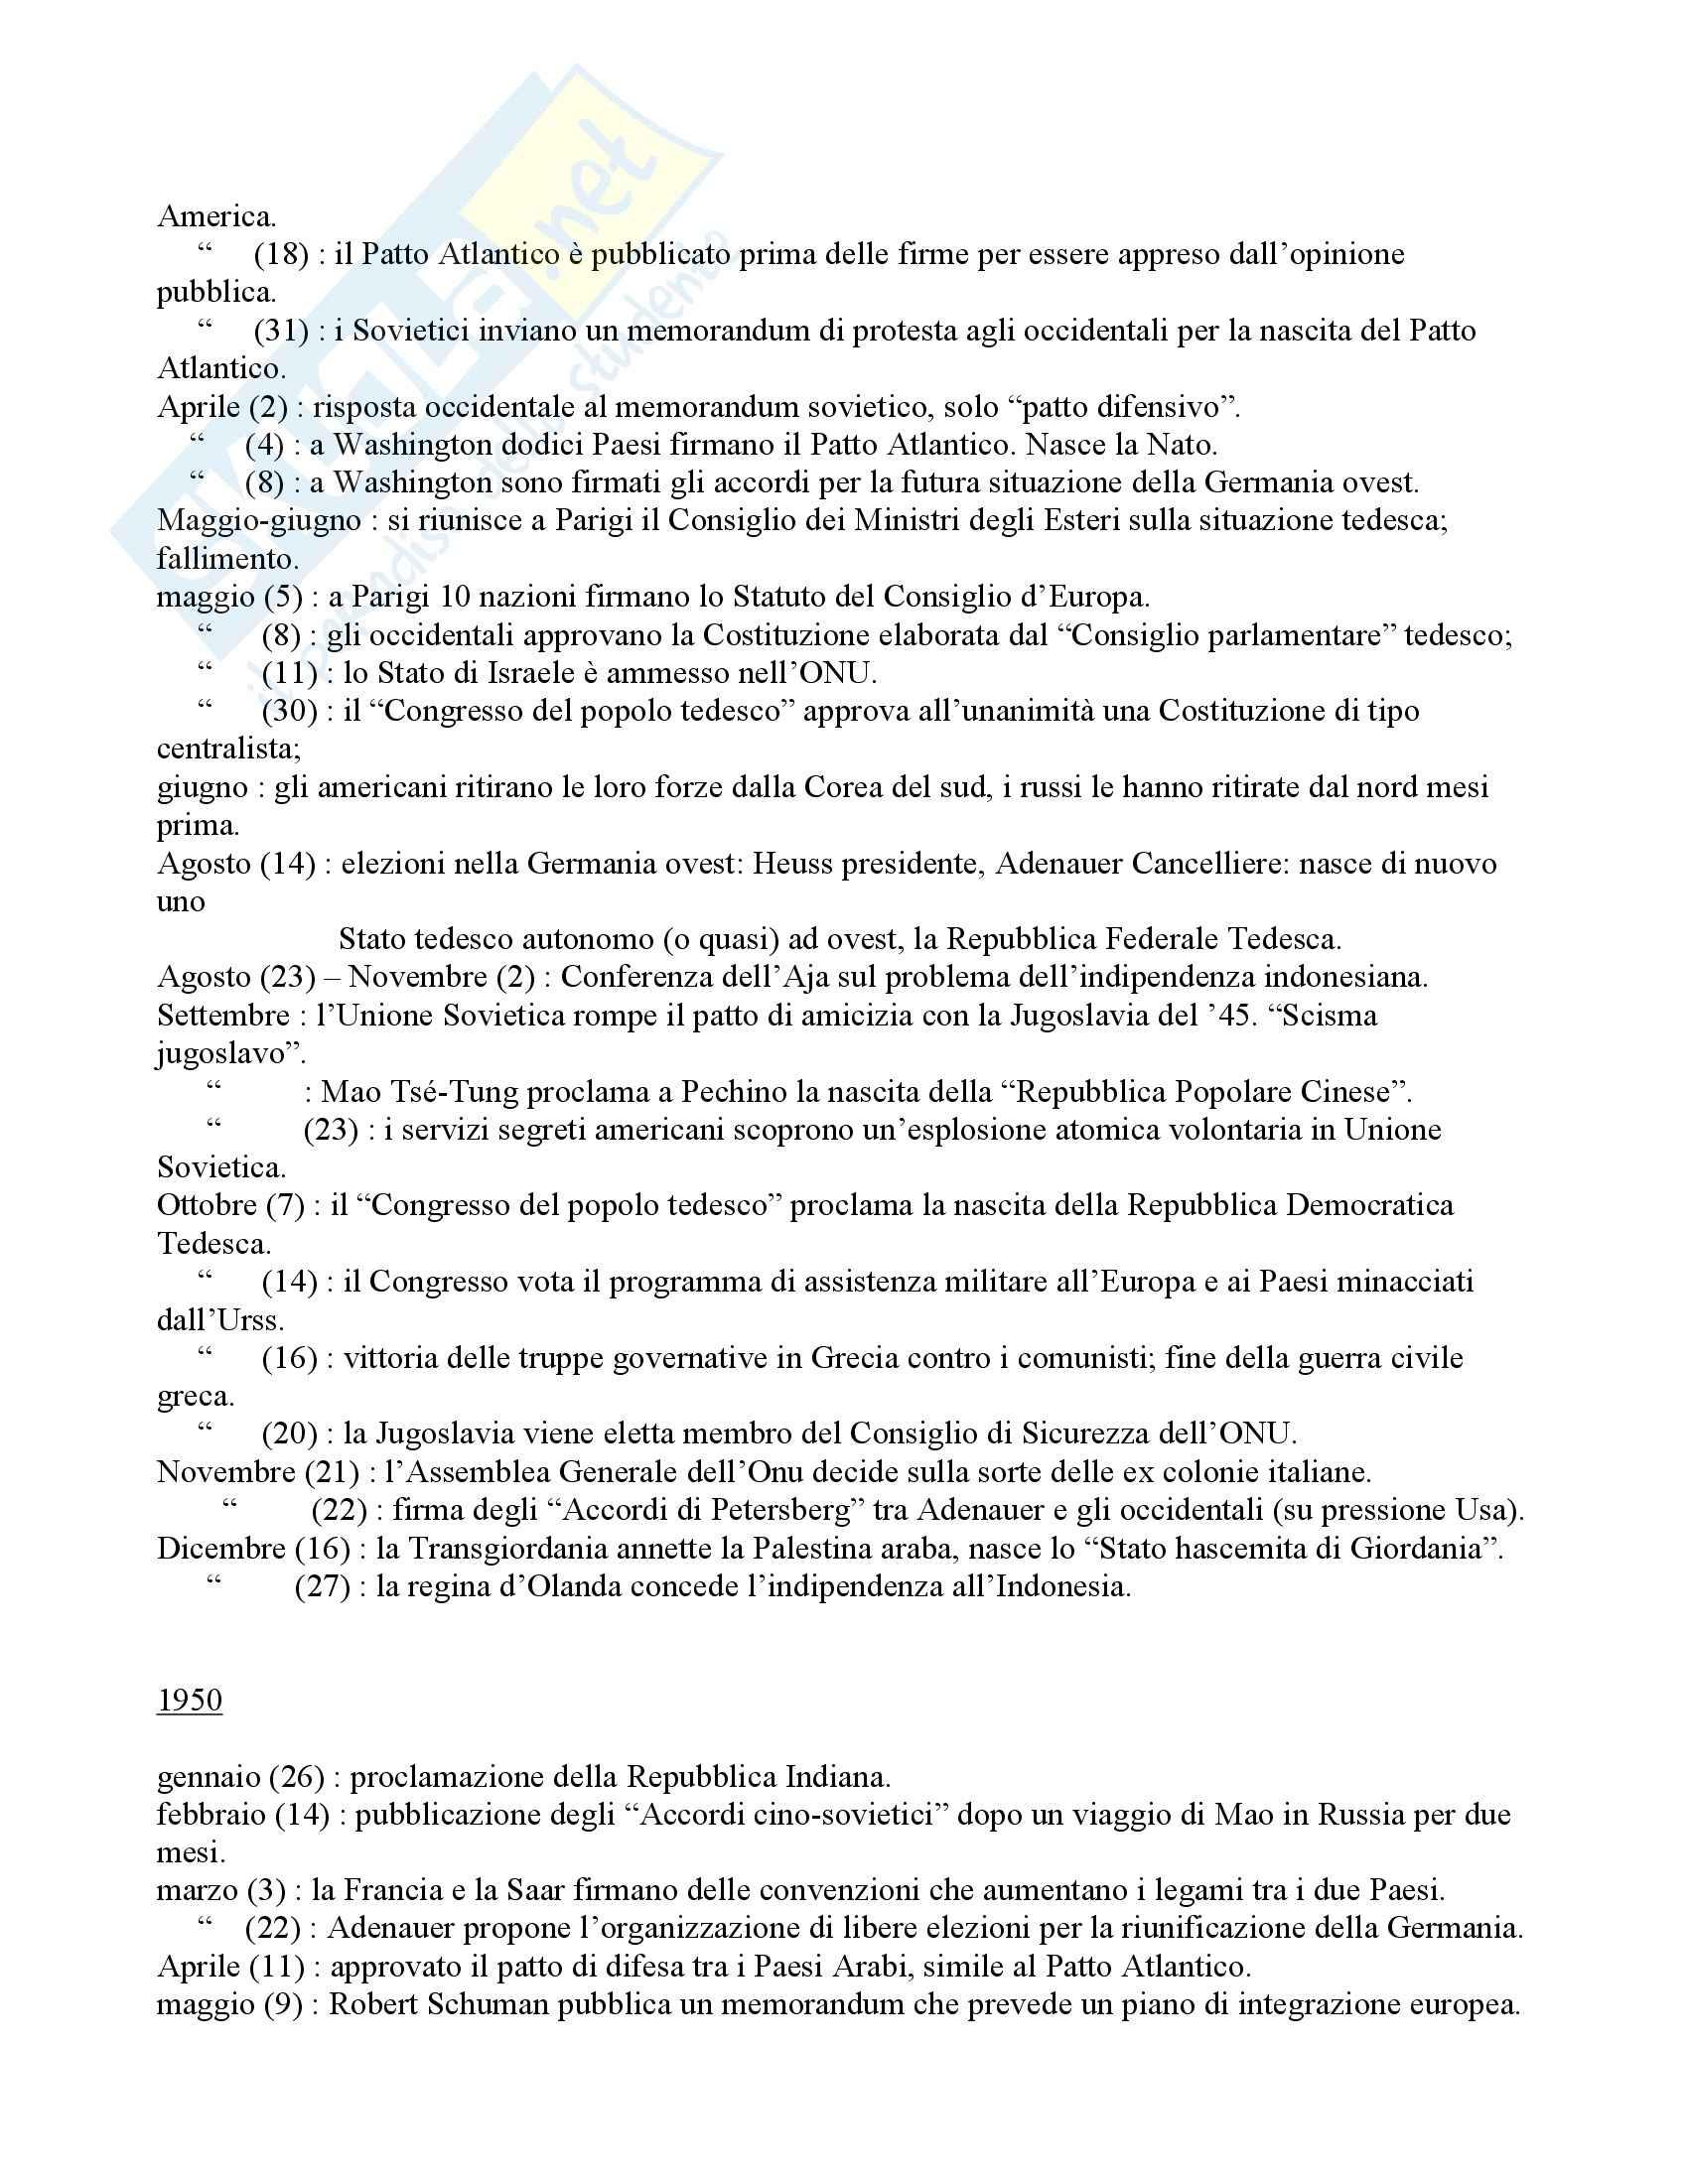 Politica internazionale - storia diplomatica - Appunti Pag. 106